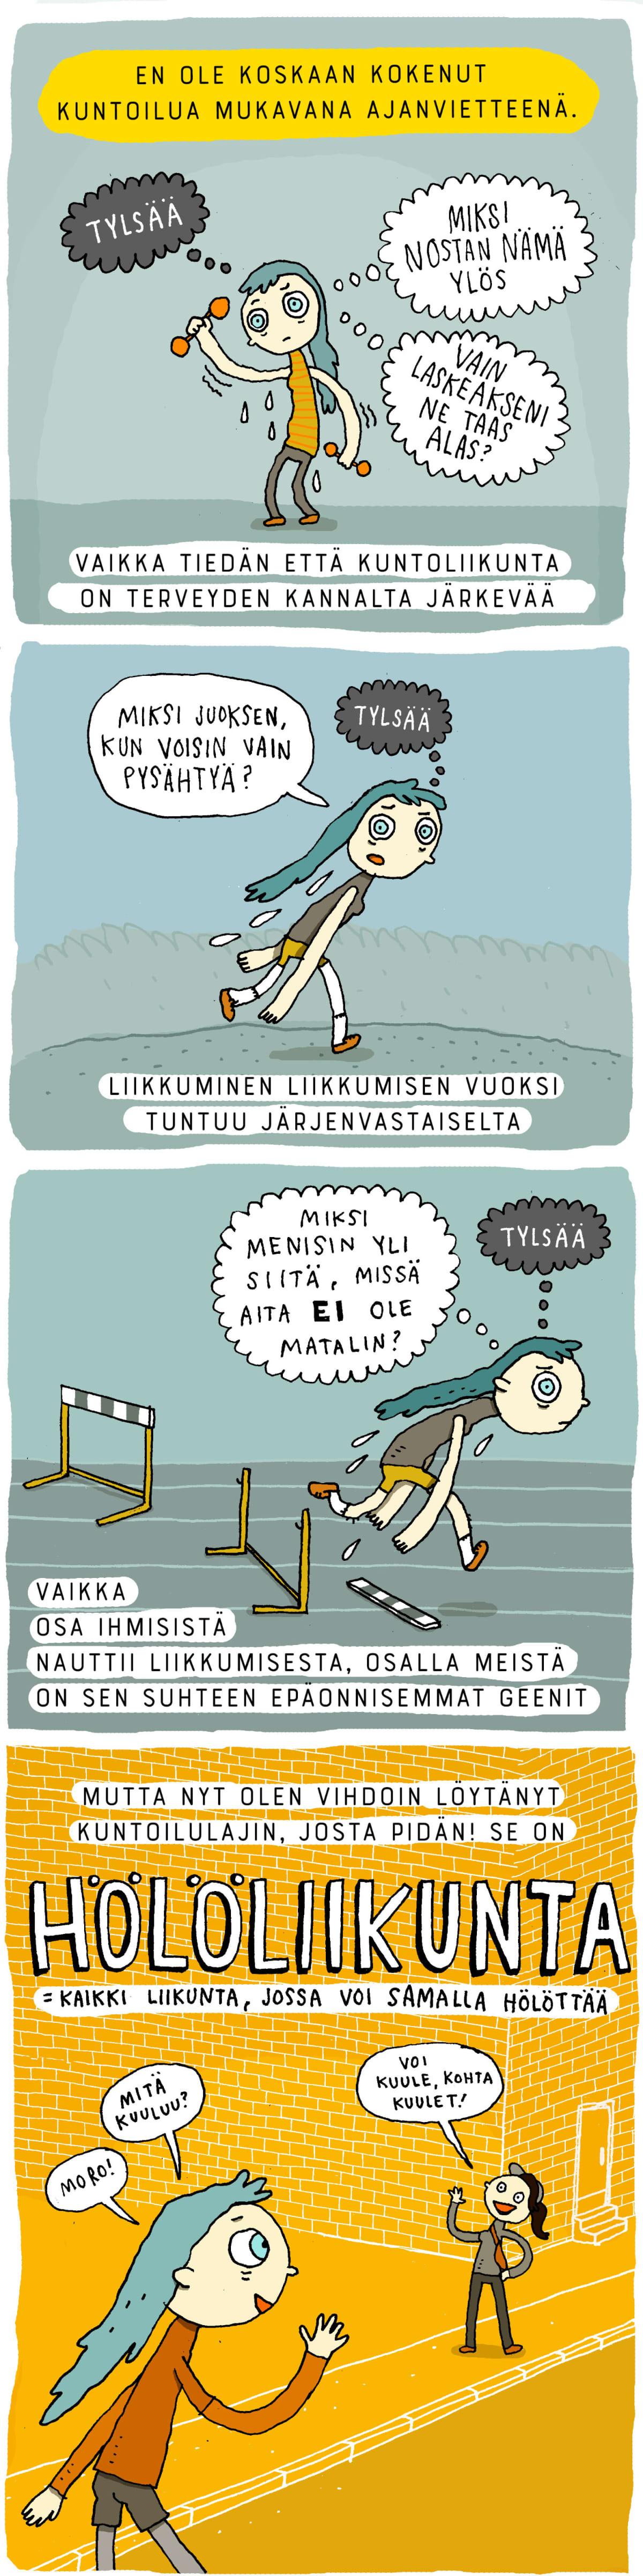 Aiju Salmisen sarjakuva.